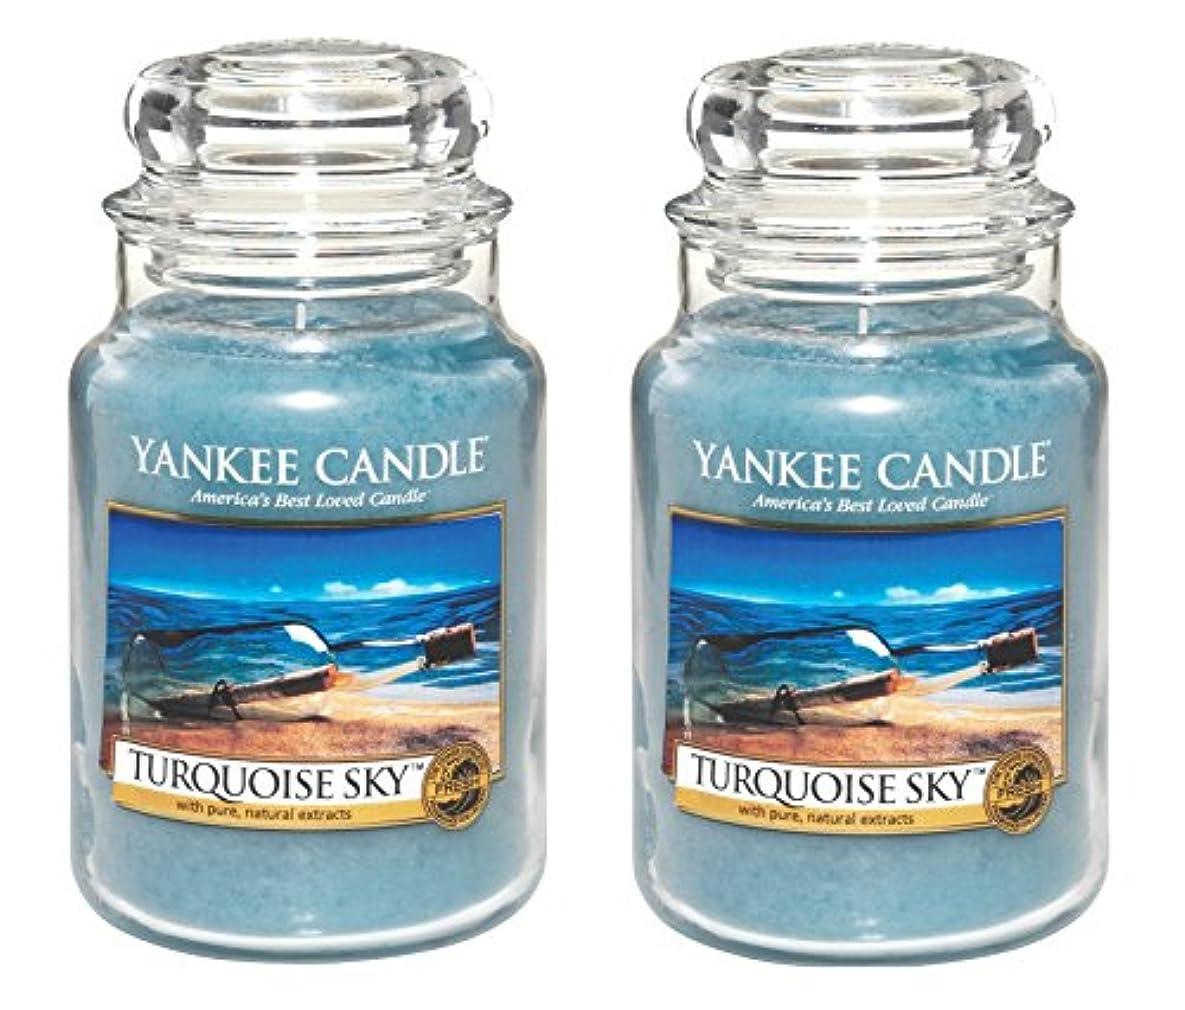 軍隊手術科学的Yankee CandleターコイズSky 22oz Jar Candle、Large 2パック